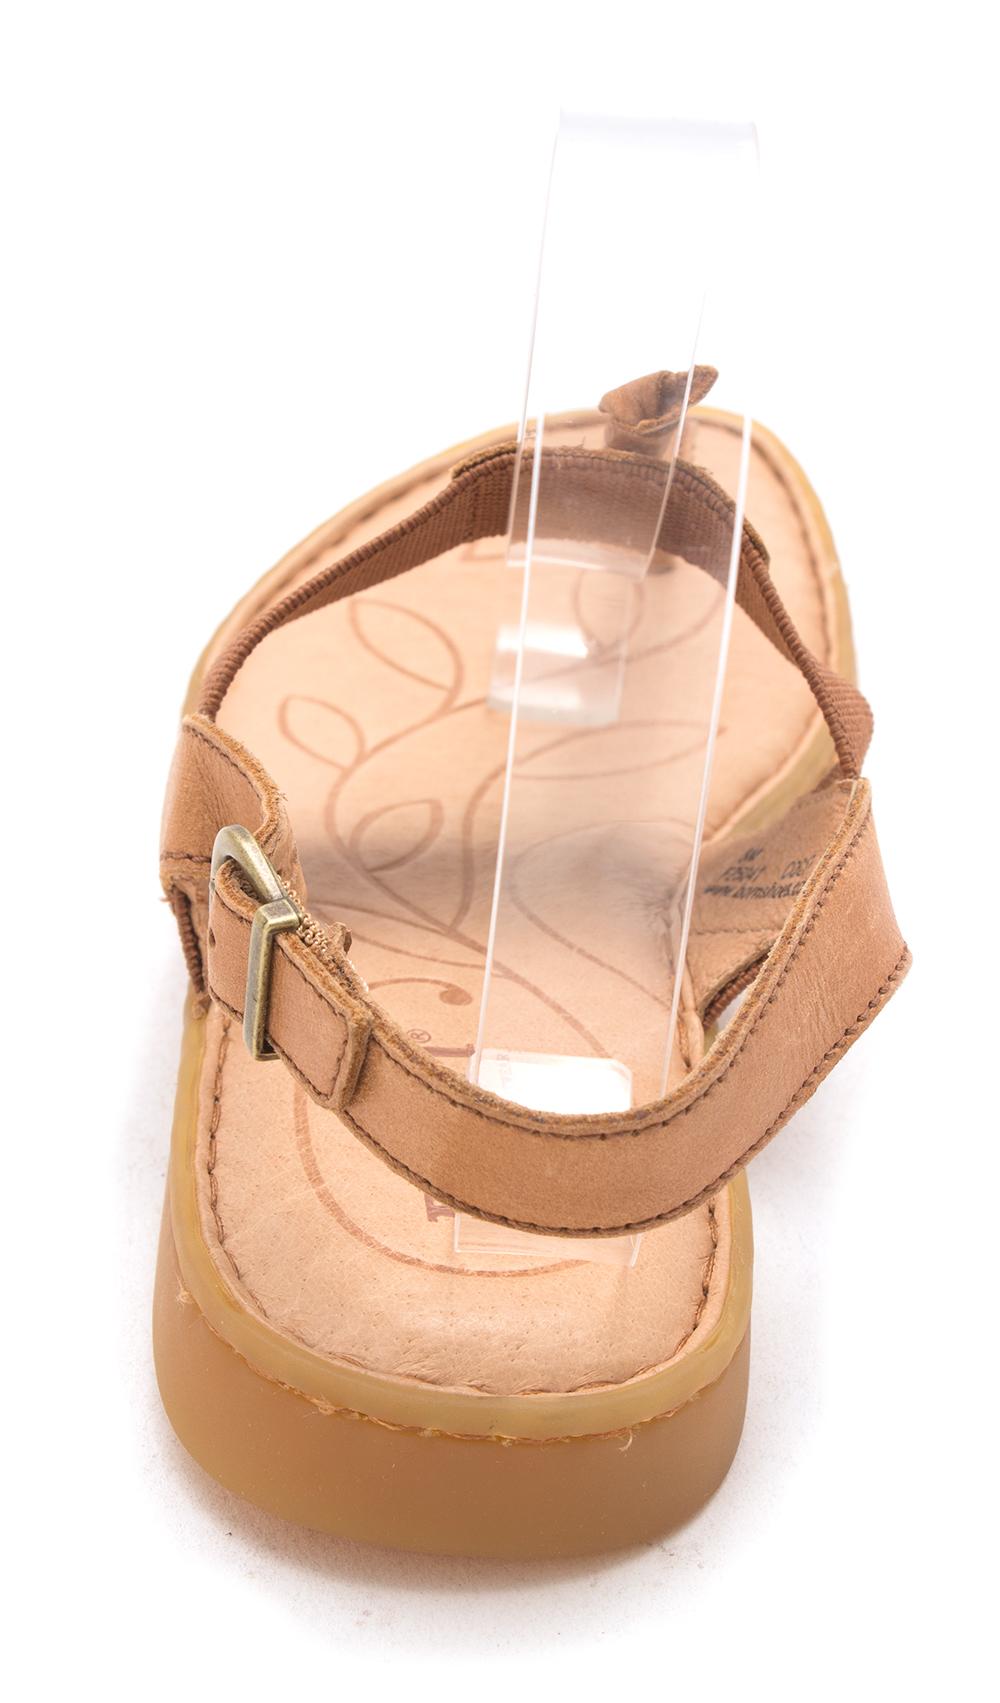 B.O.C Damenschuhe Siri Leder Open Toe Casual Slingback Sandale